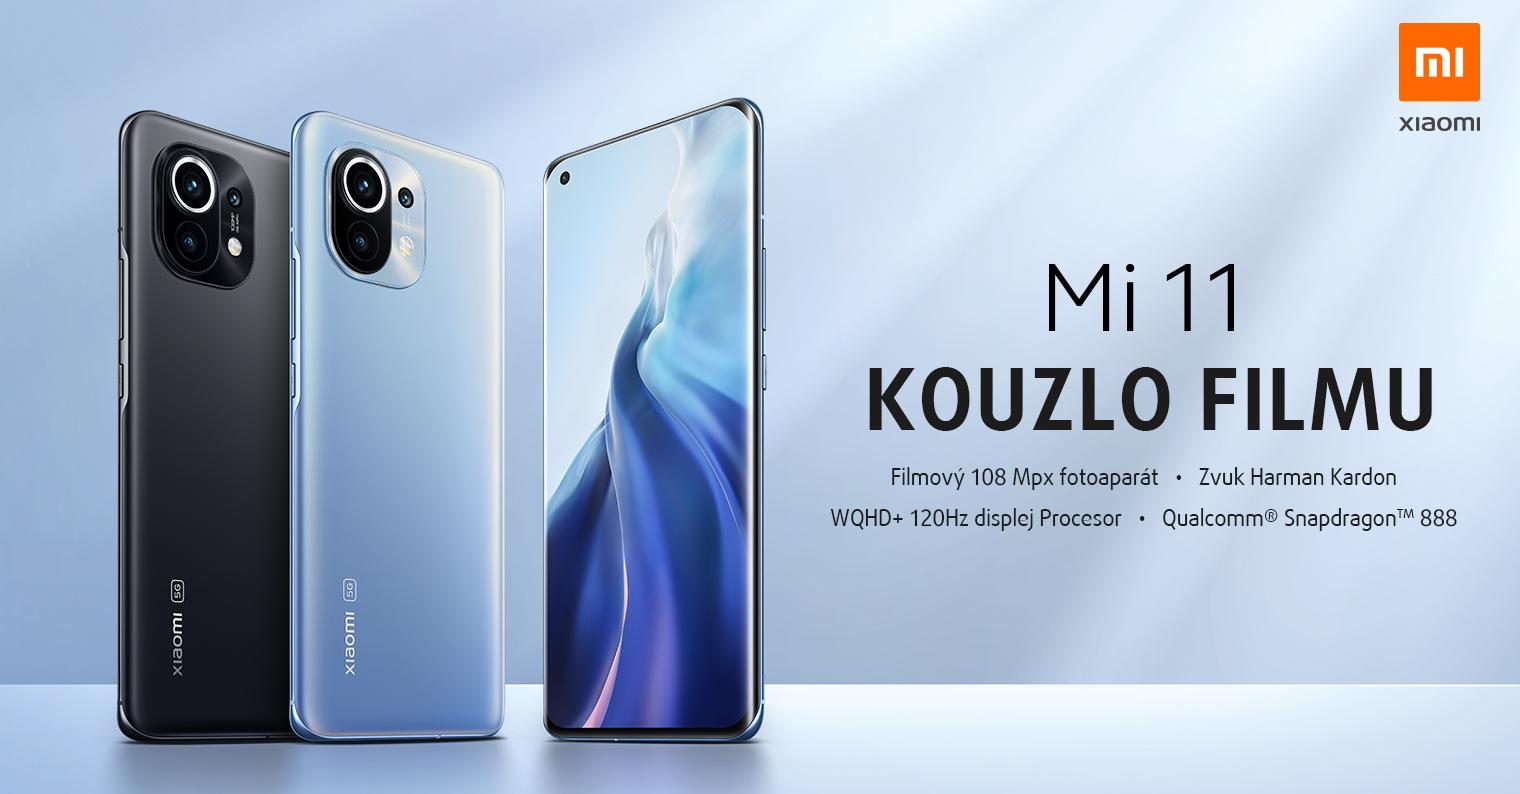 Už je konečně tady! Xiaomi Mi 11 nyní s dárkem a zárukou na sklo [sponzorovaný článek]